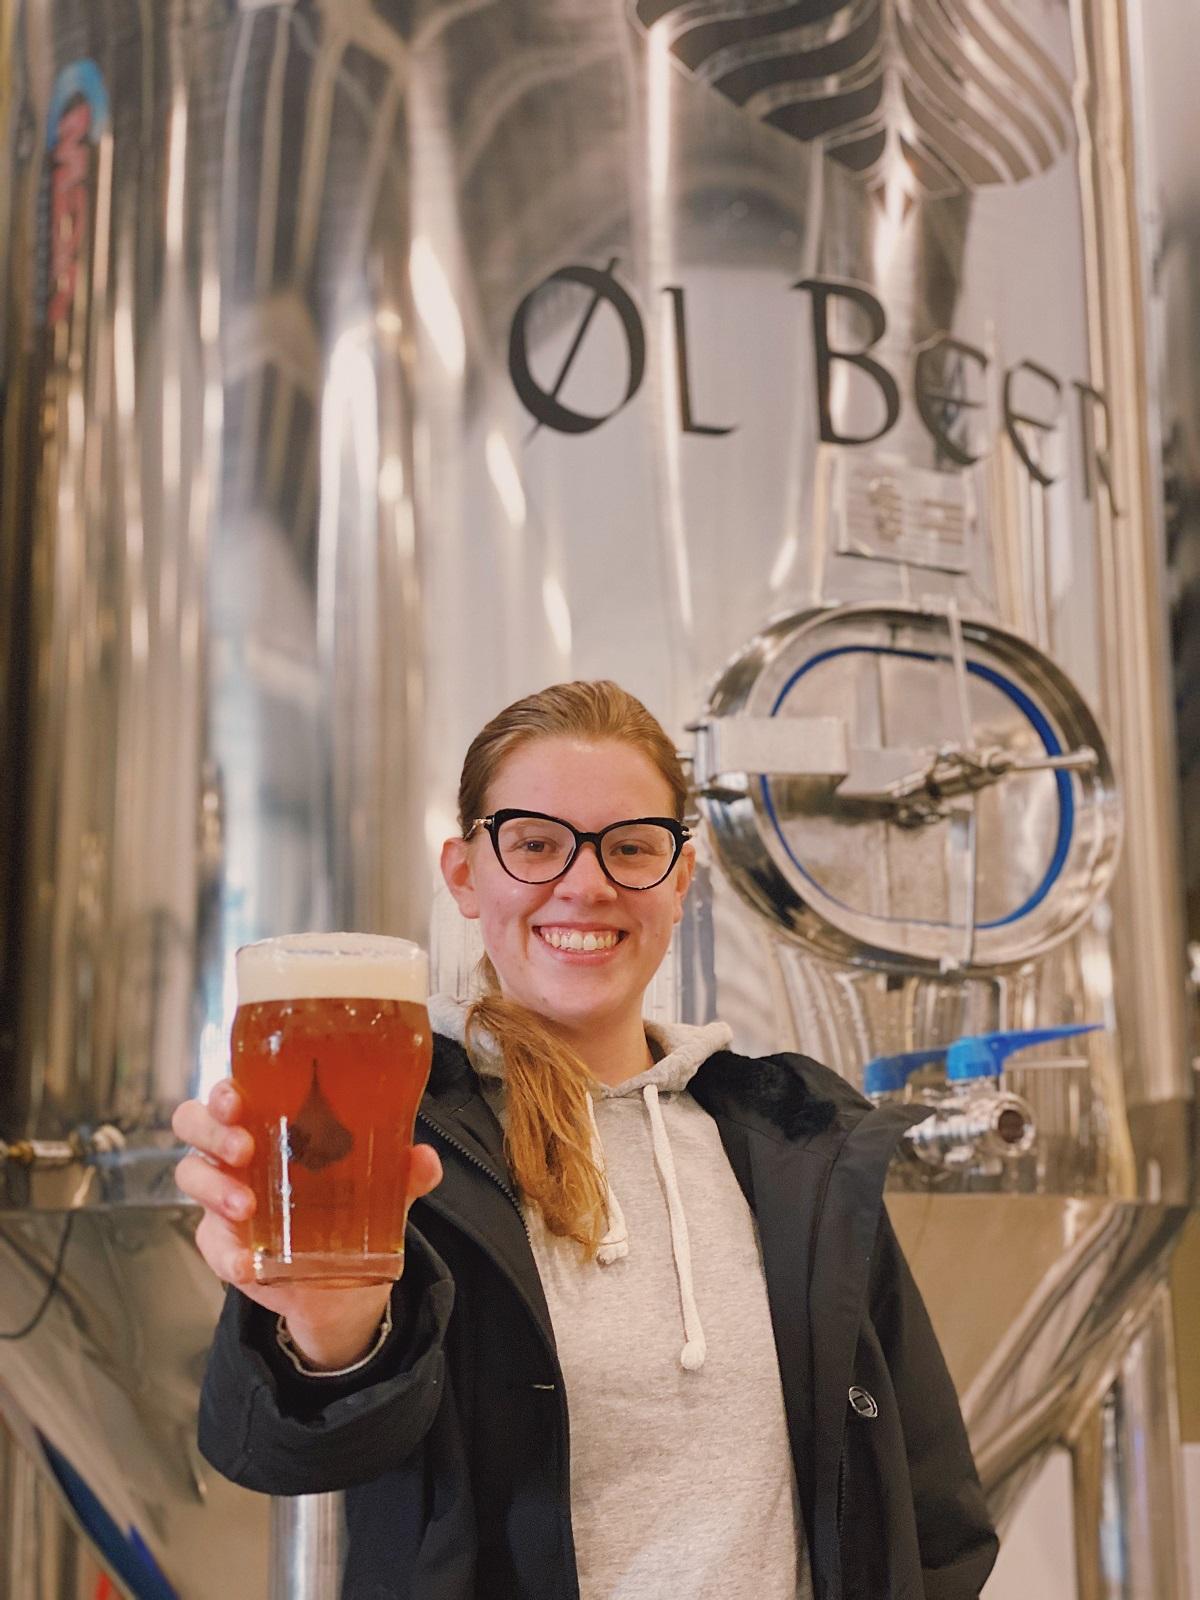 Mulheres que fazem cerveja: conheça Isadora, a mestre cervejeira da ØL Beer